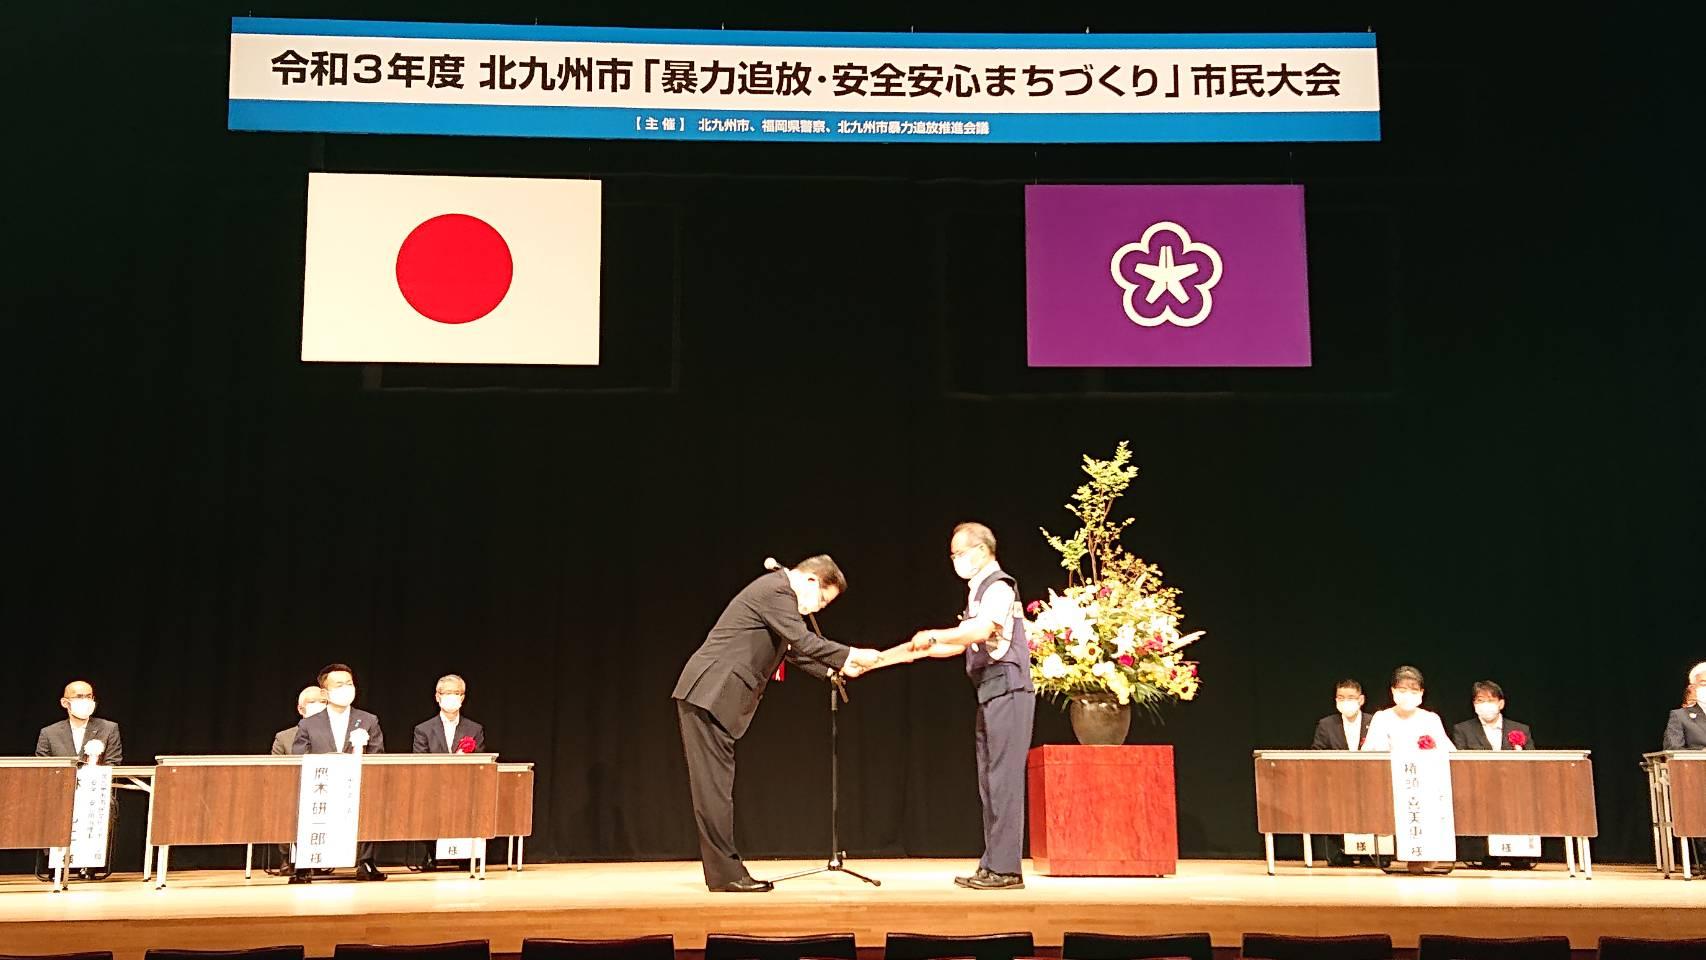 北九州市「暴力追放・安全安心まちづくり」市民大会